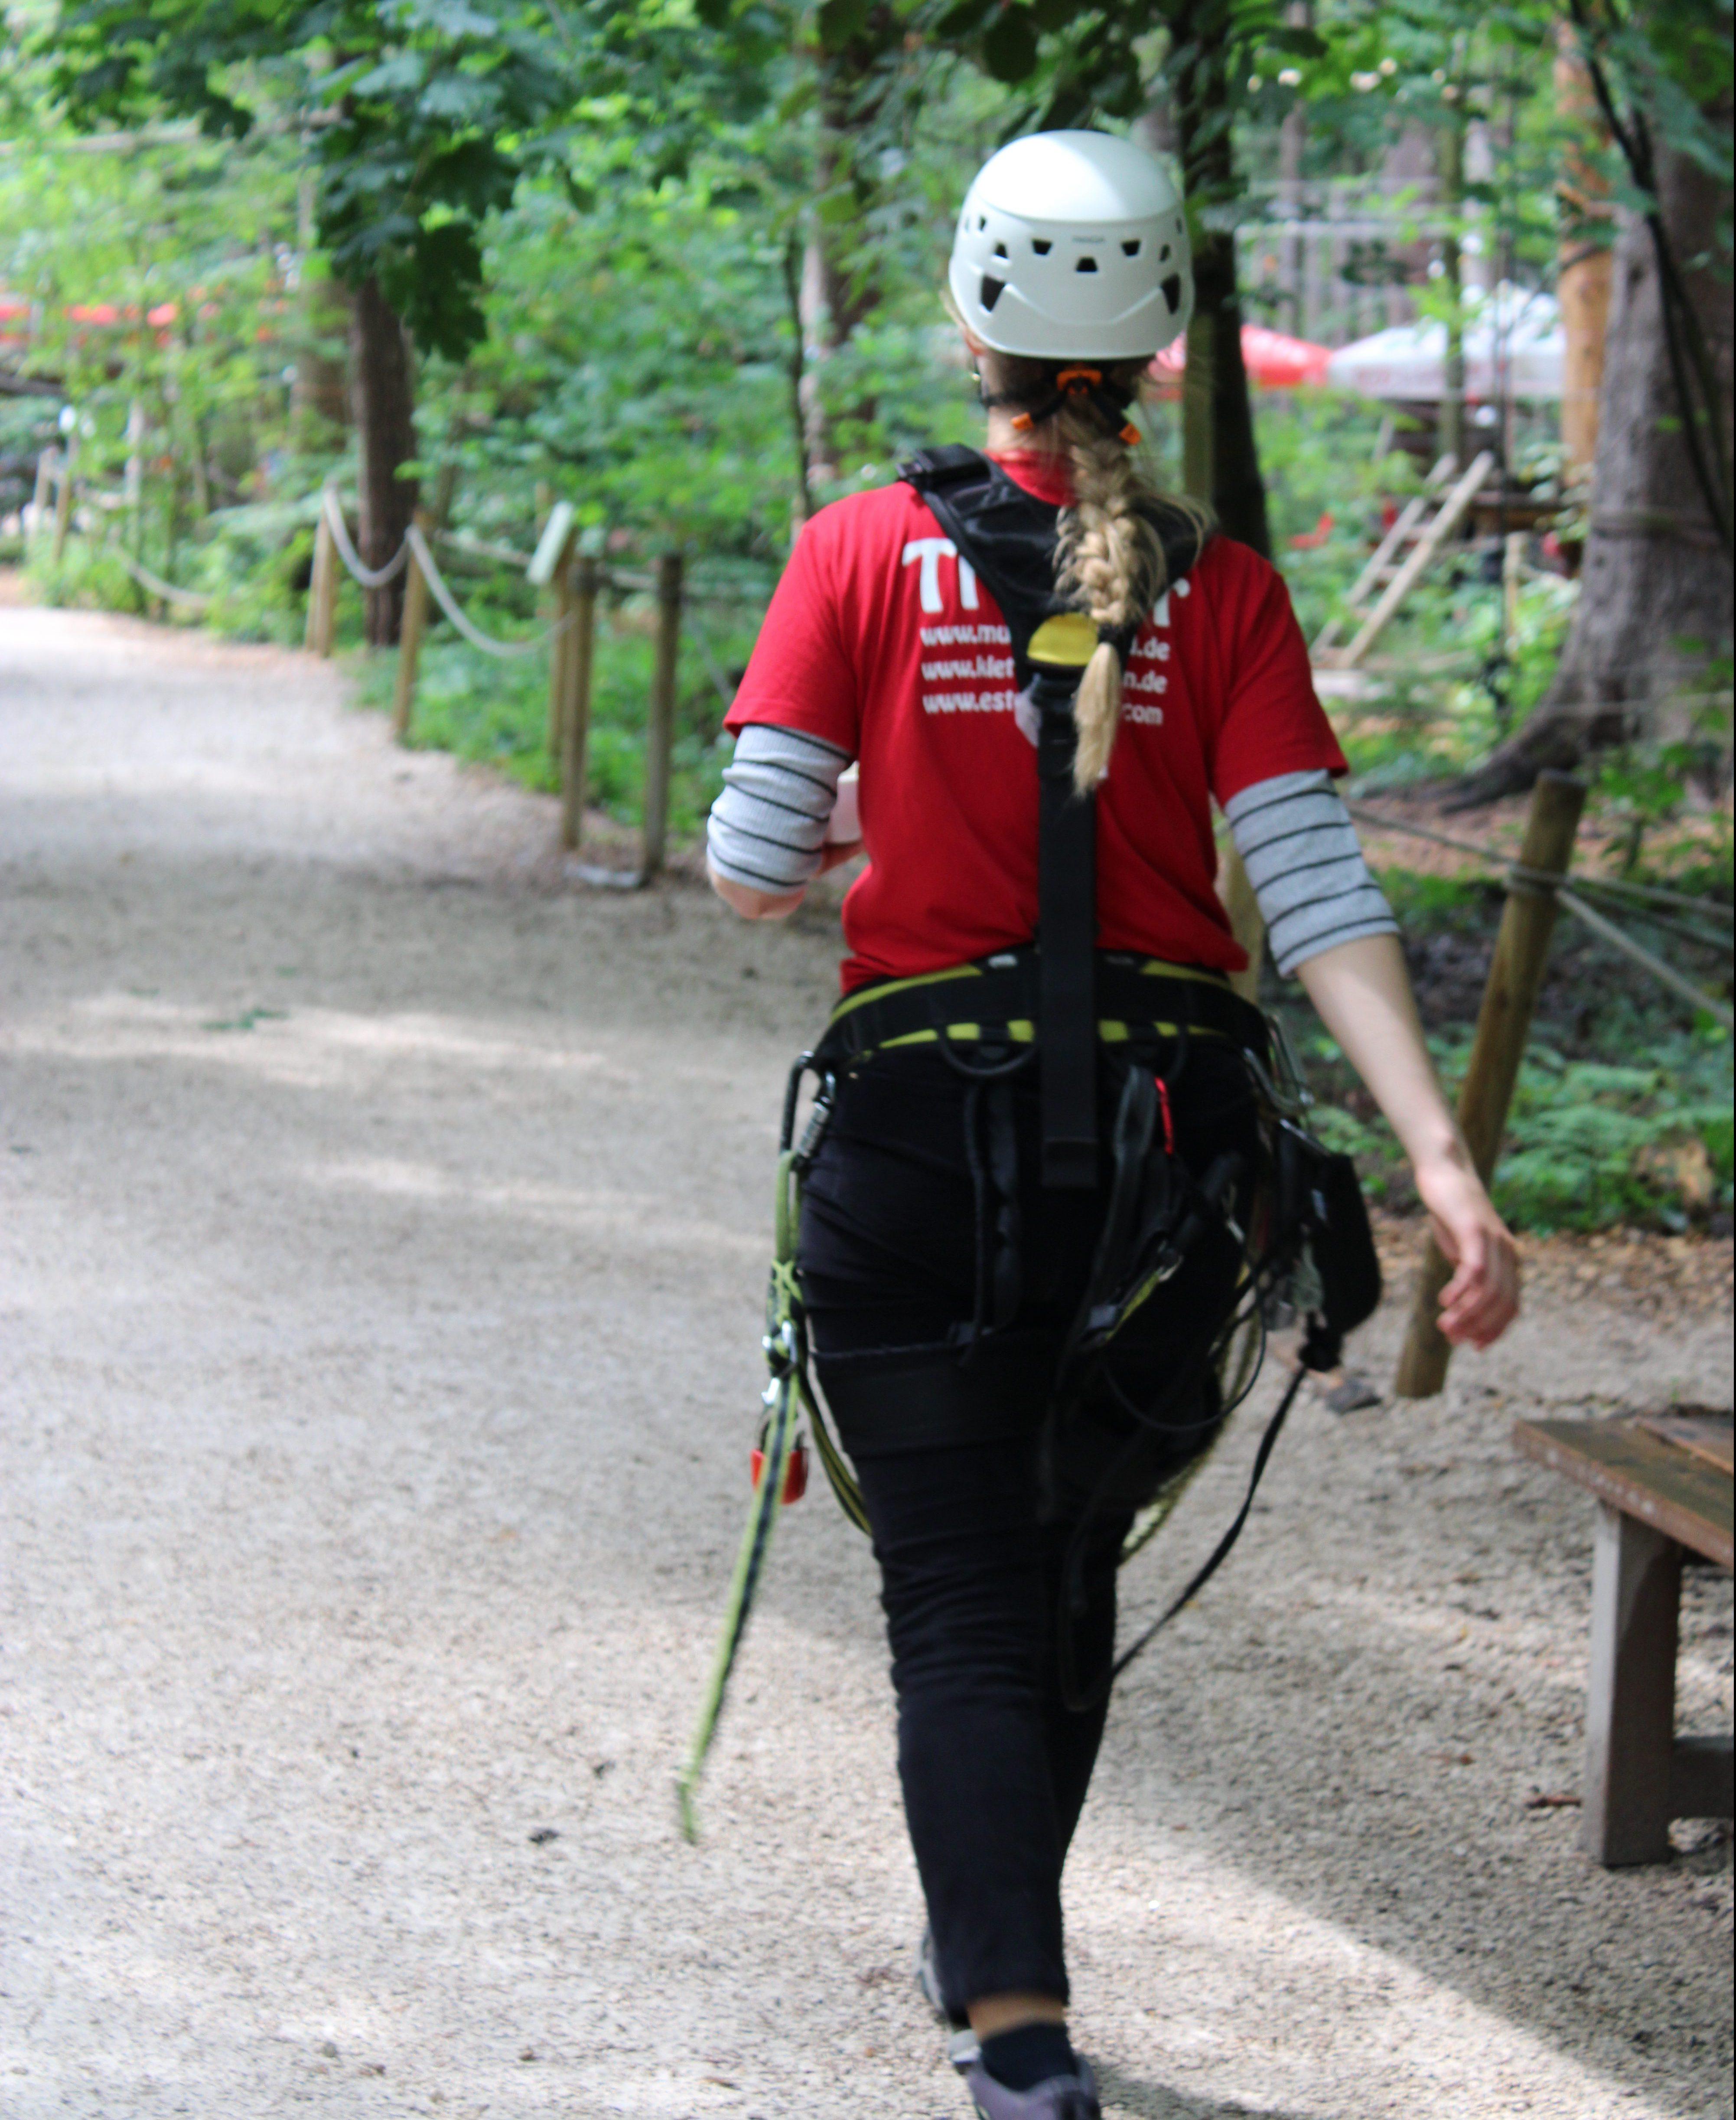 sportshoutler machen Vaterstettener Kletterwald unsicher